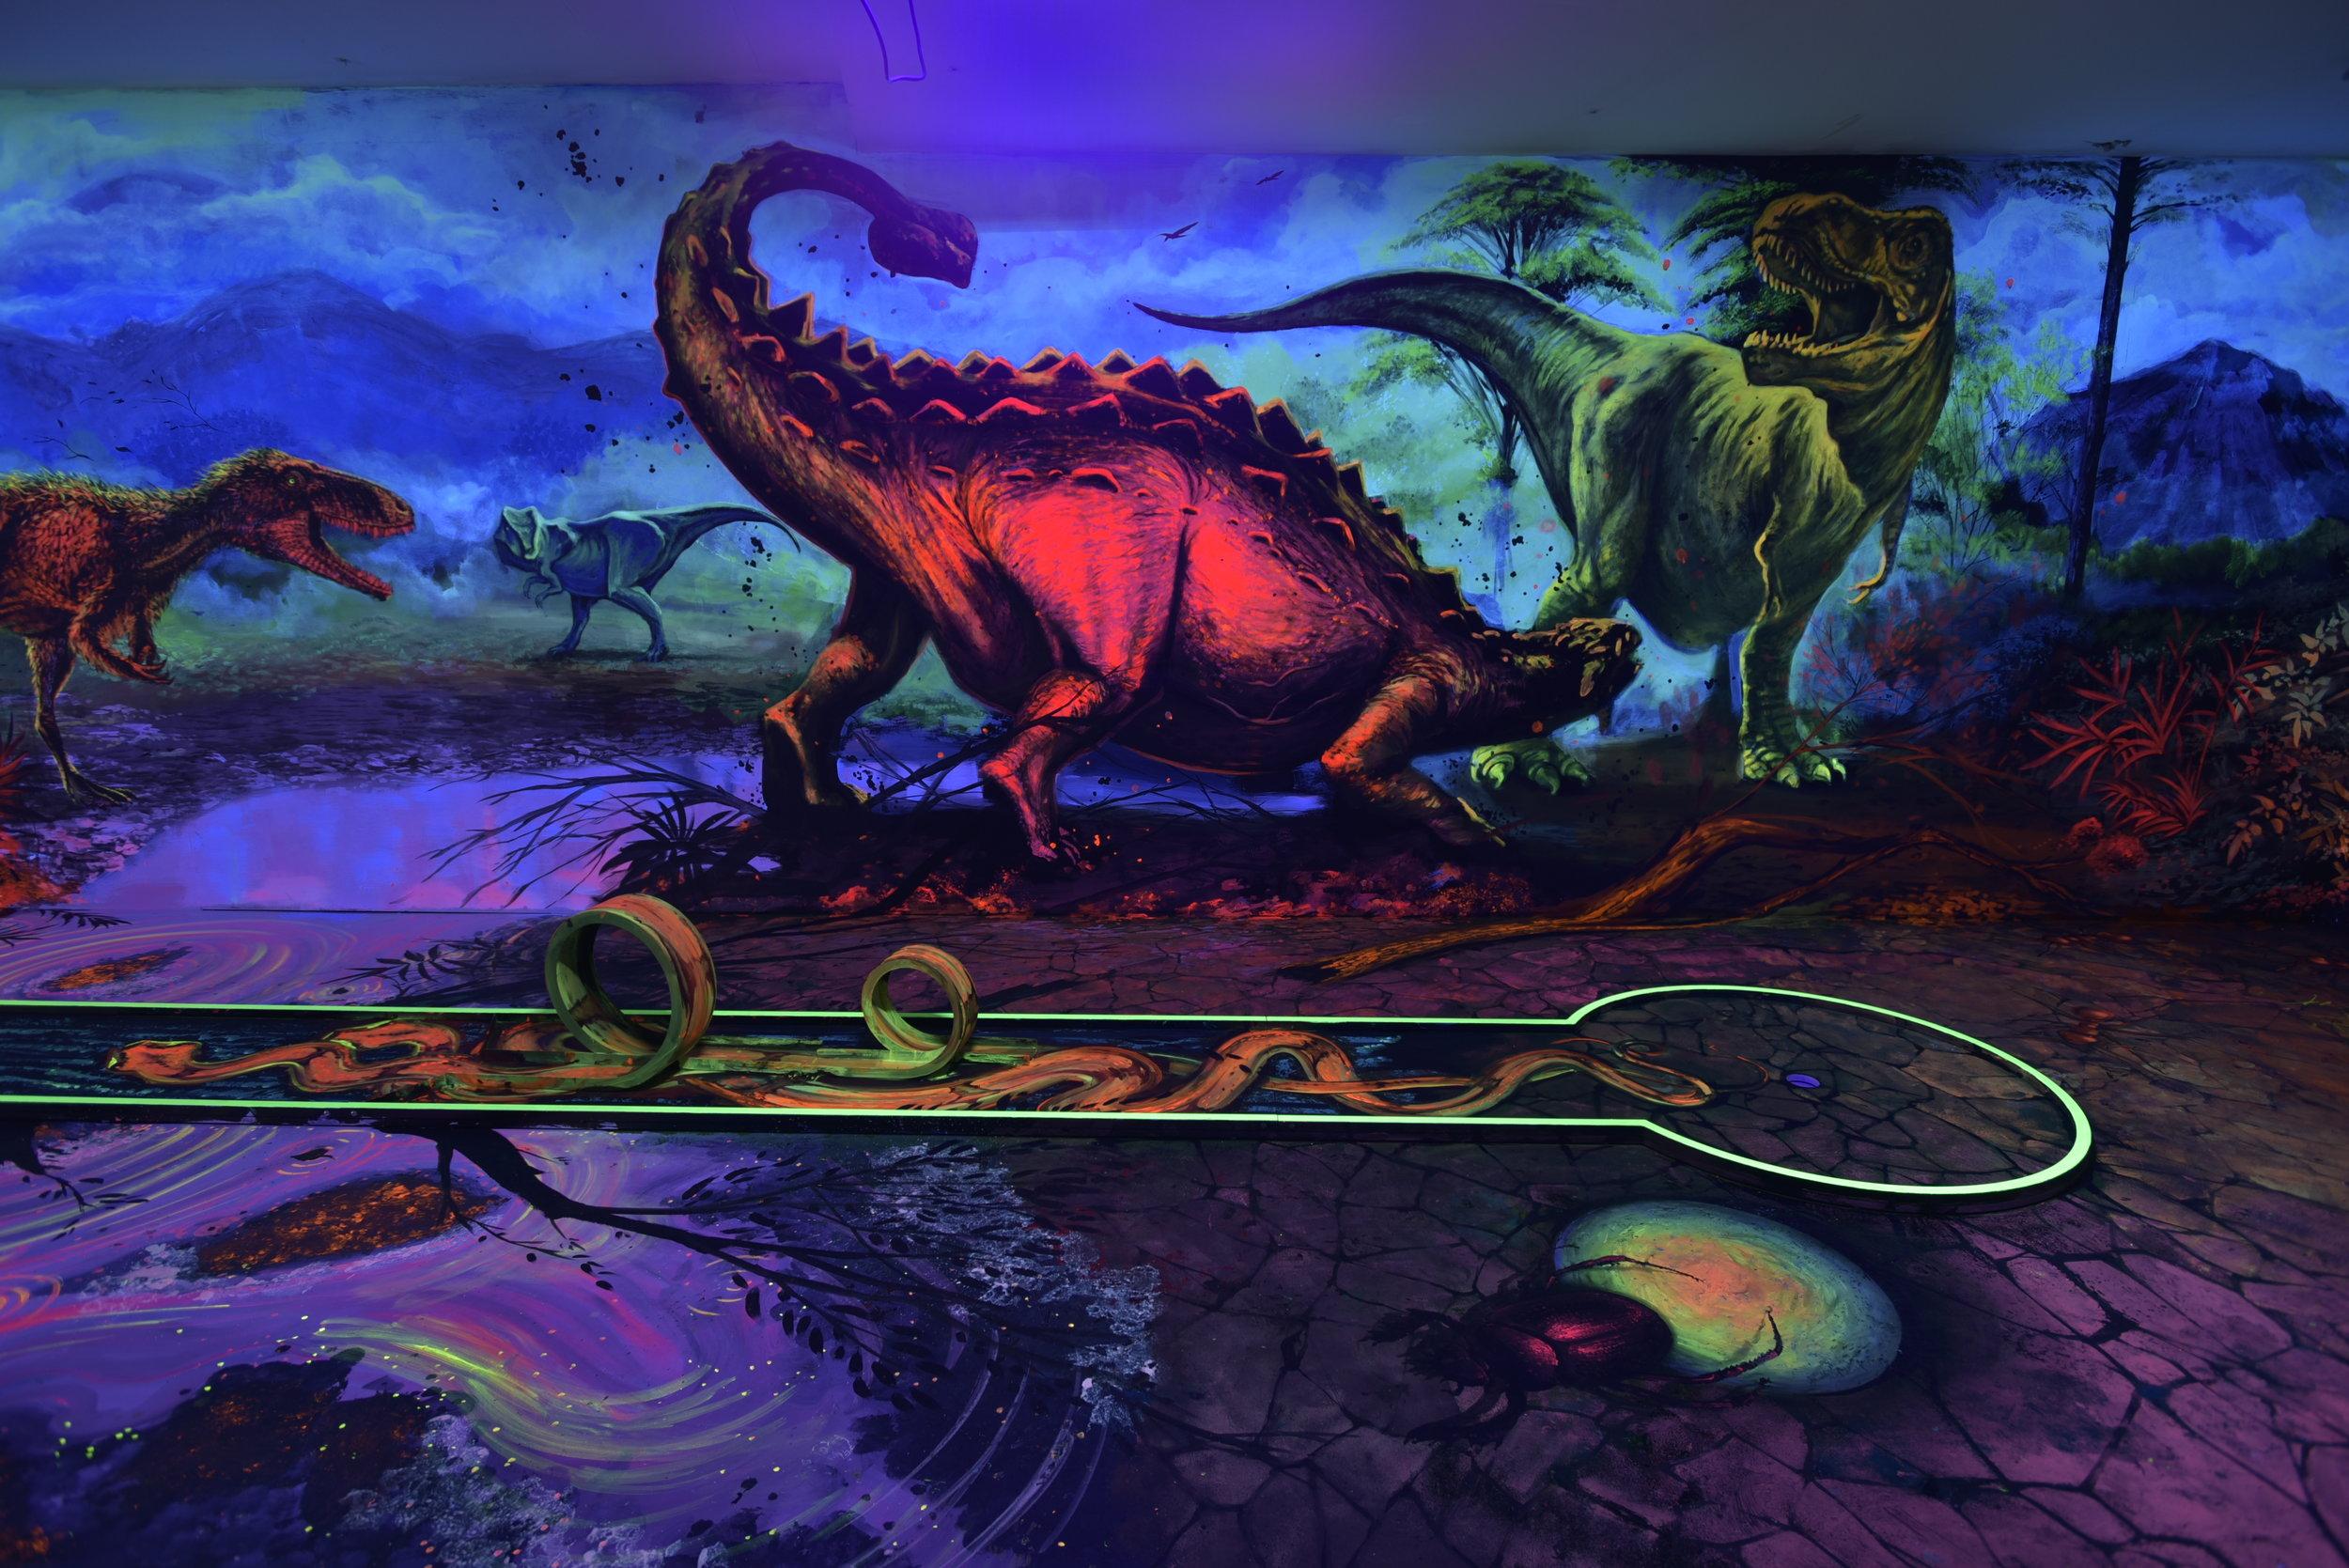 dekorációs falfestmény dekorációsfalfestés dekorációs festés beltéri falfestmények